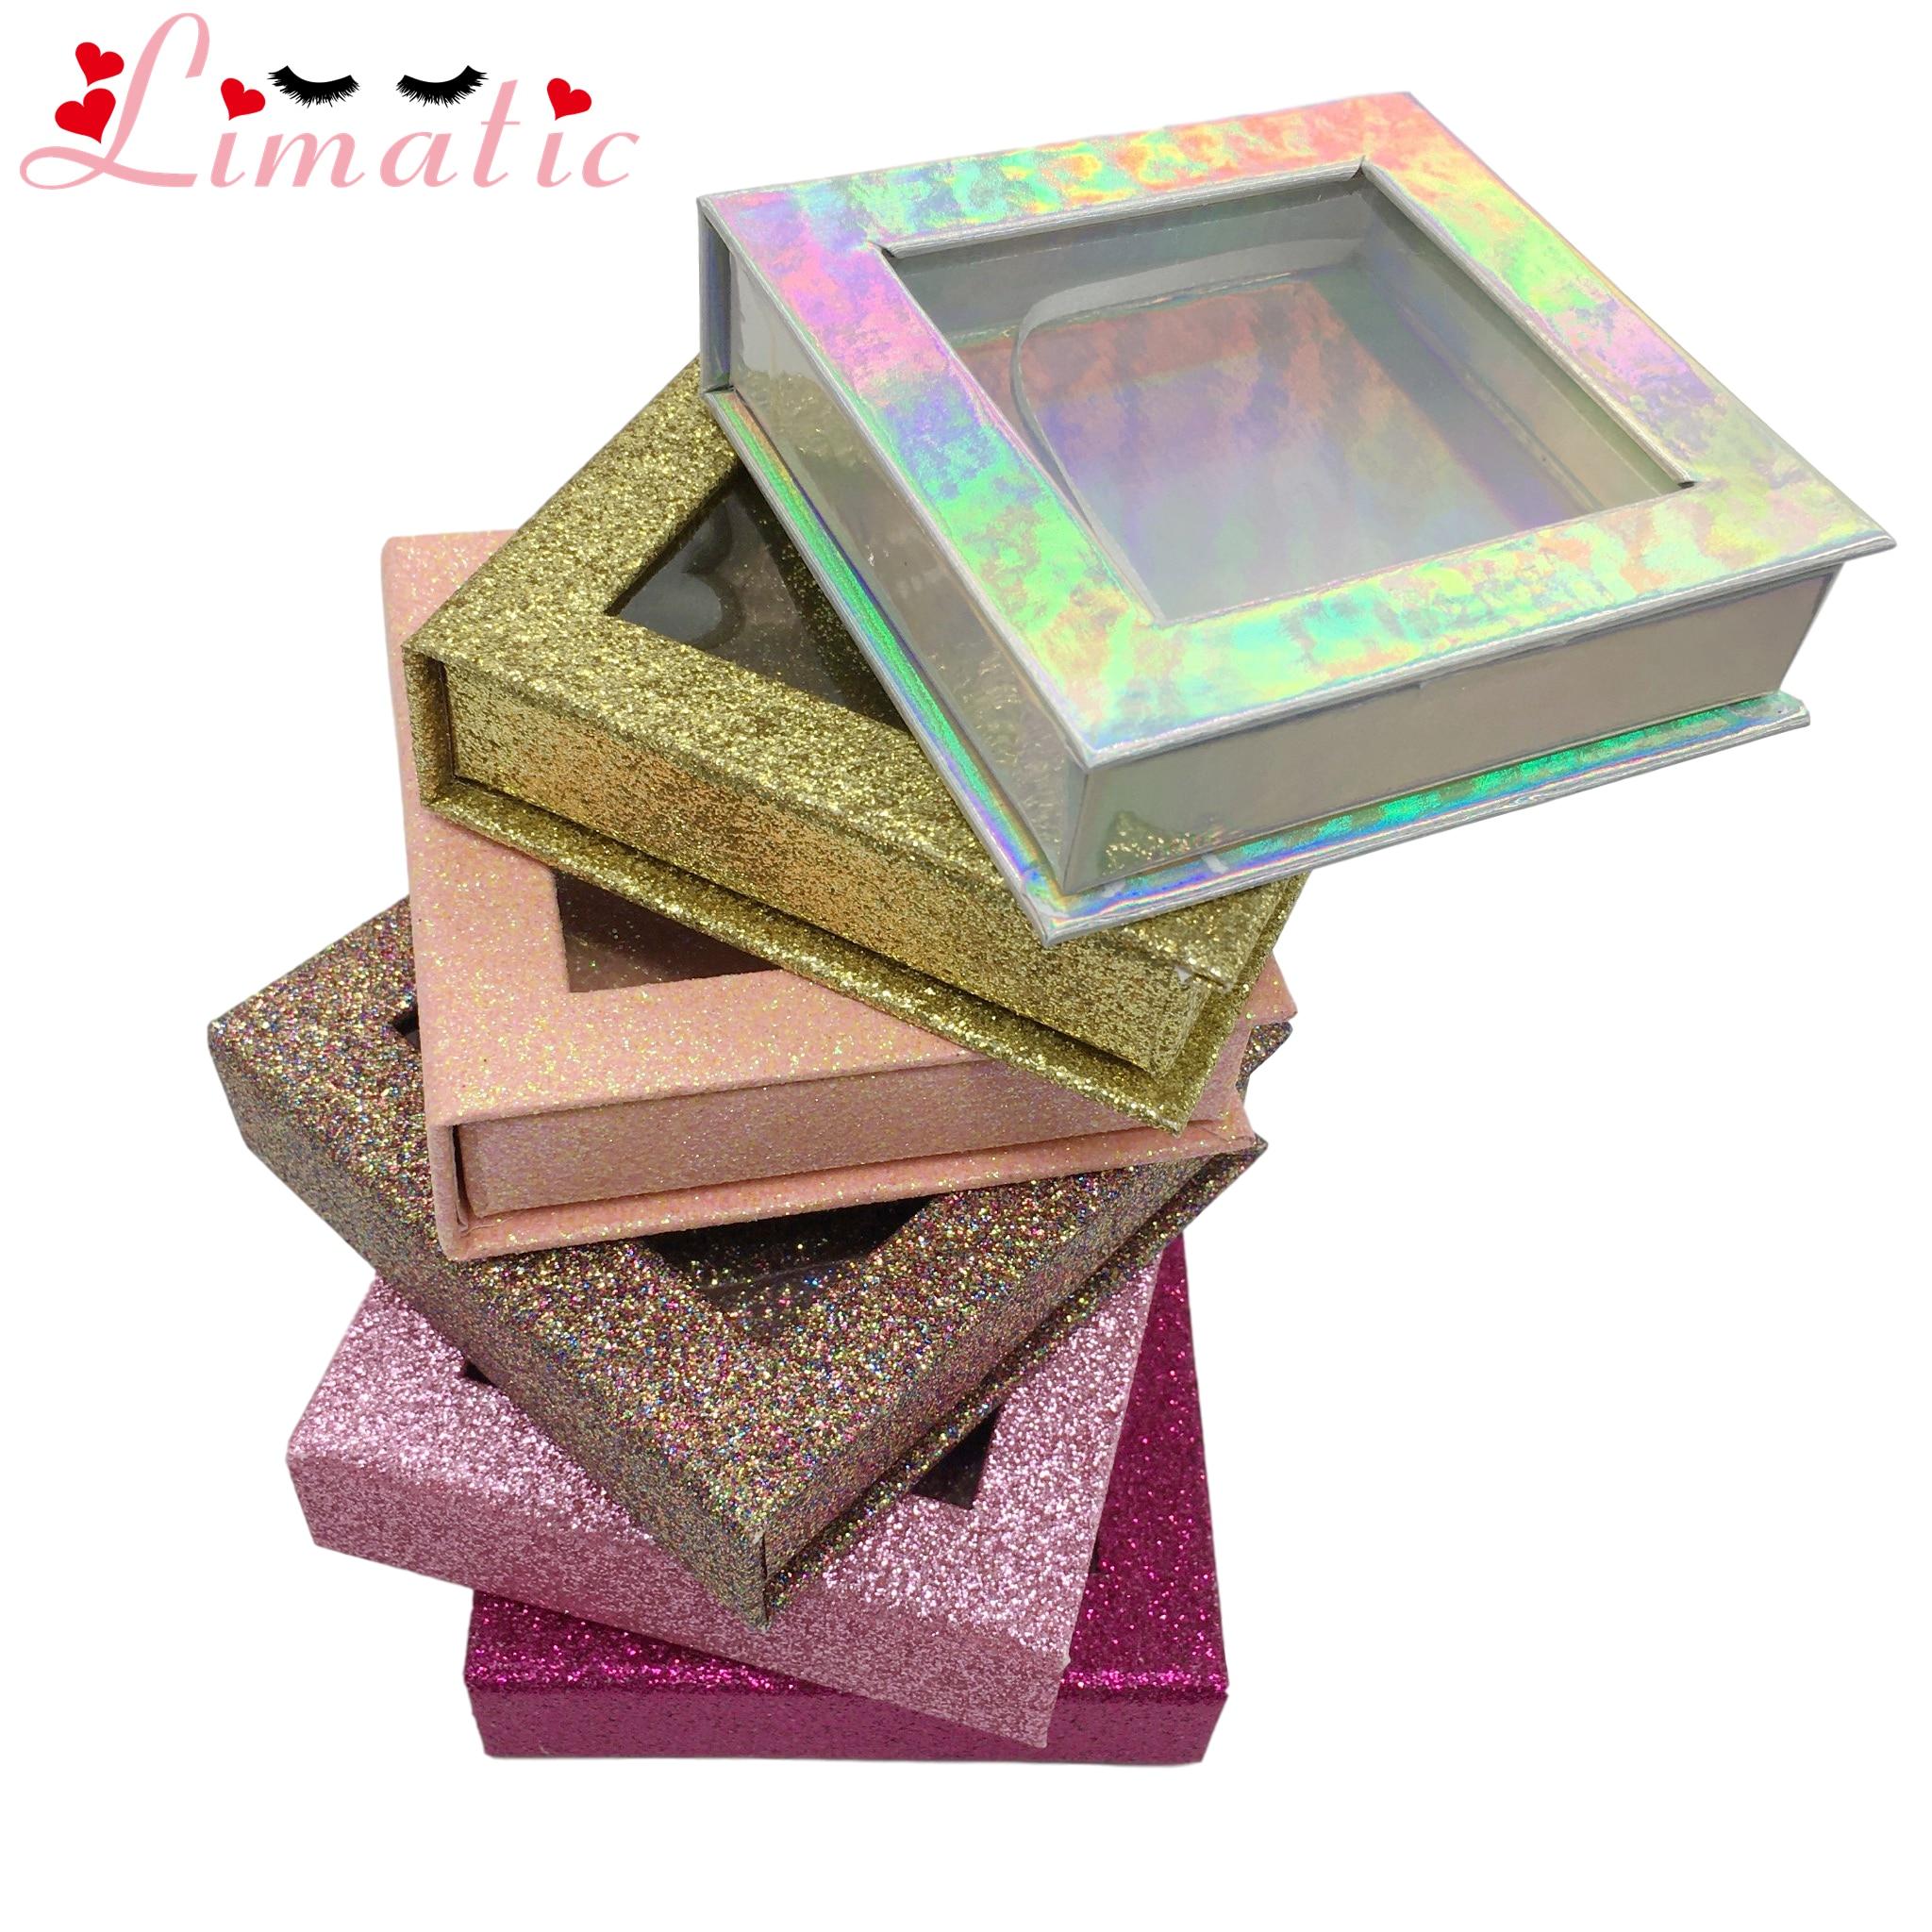 Caja de embalaje pestañas postizas paquete cuadrado logotipo personalizado colorido pestañas postizas de visón brillo al por mayor